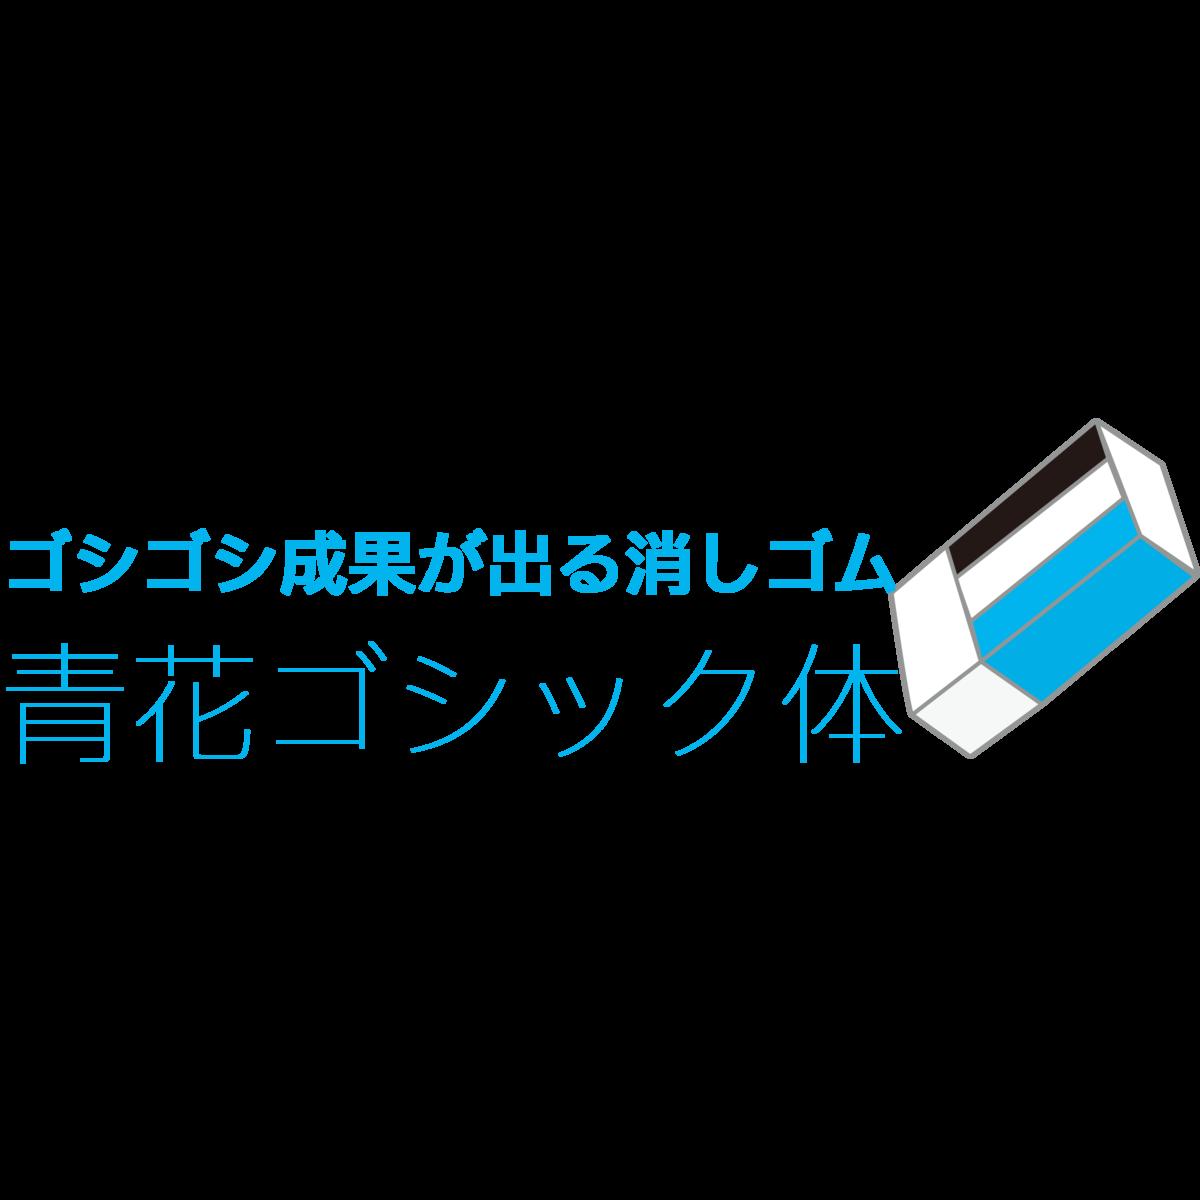 f:id:mojiru:20201019093254p:plain